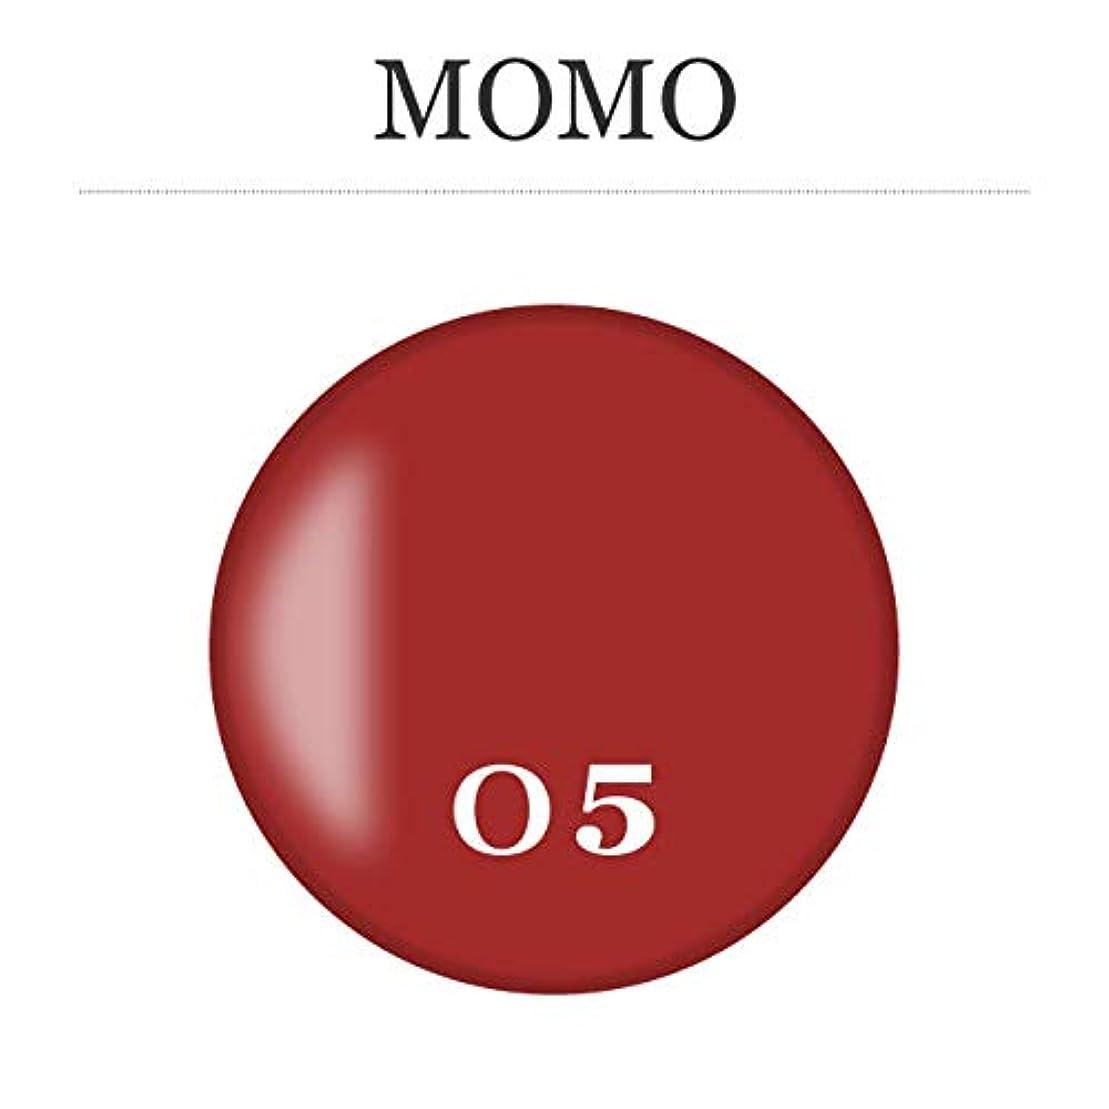 ペチュランス食事を調理する超越するカラージェル MOMO-05 by nail for all